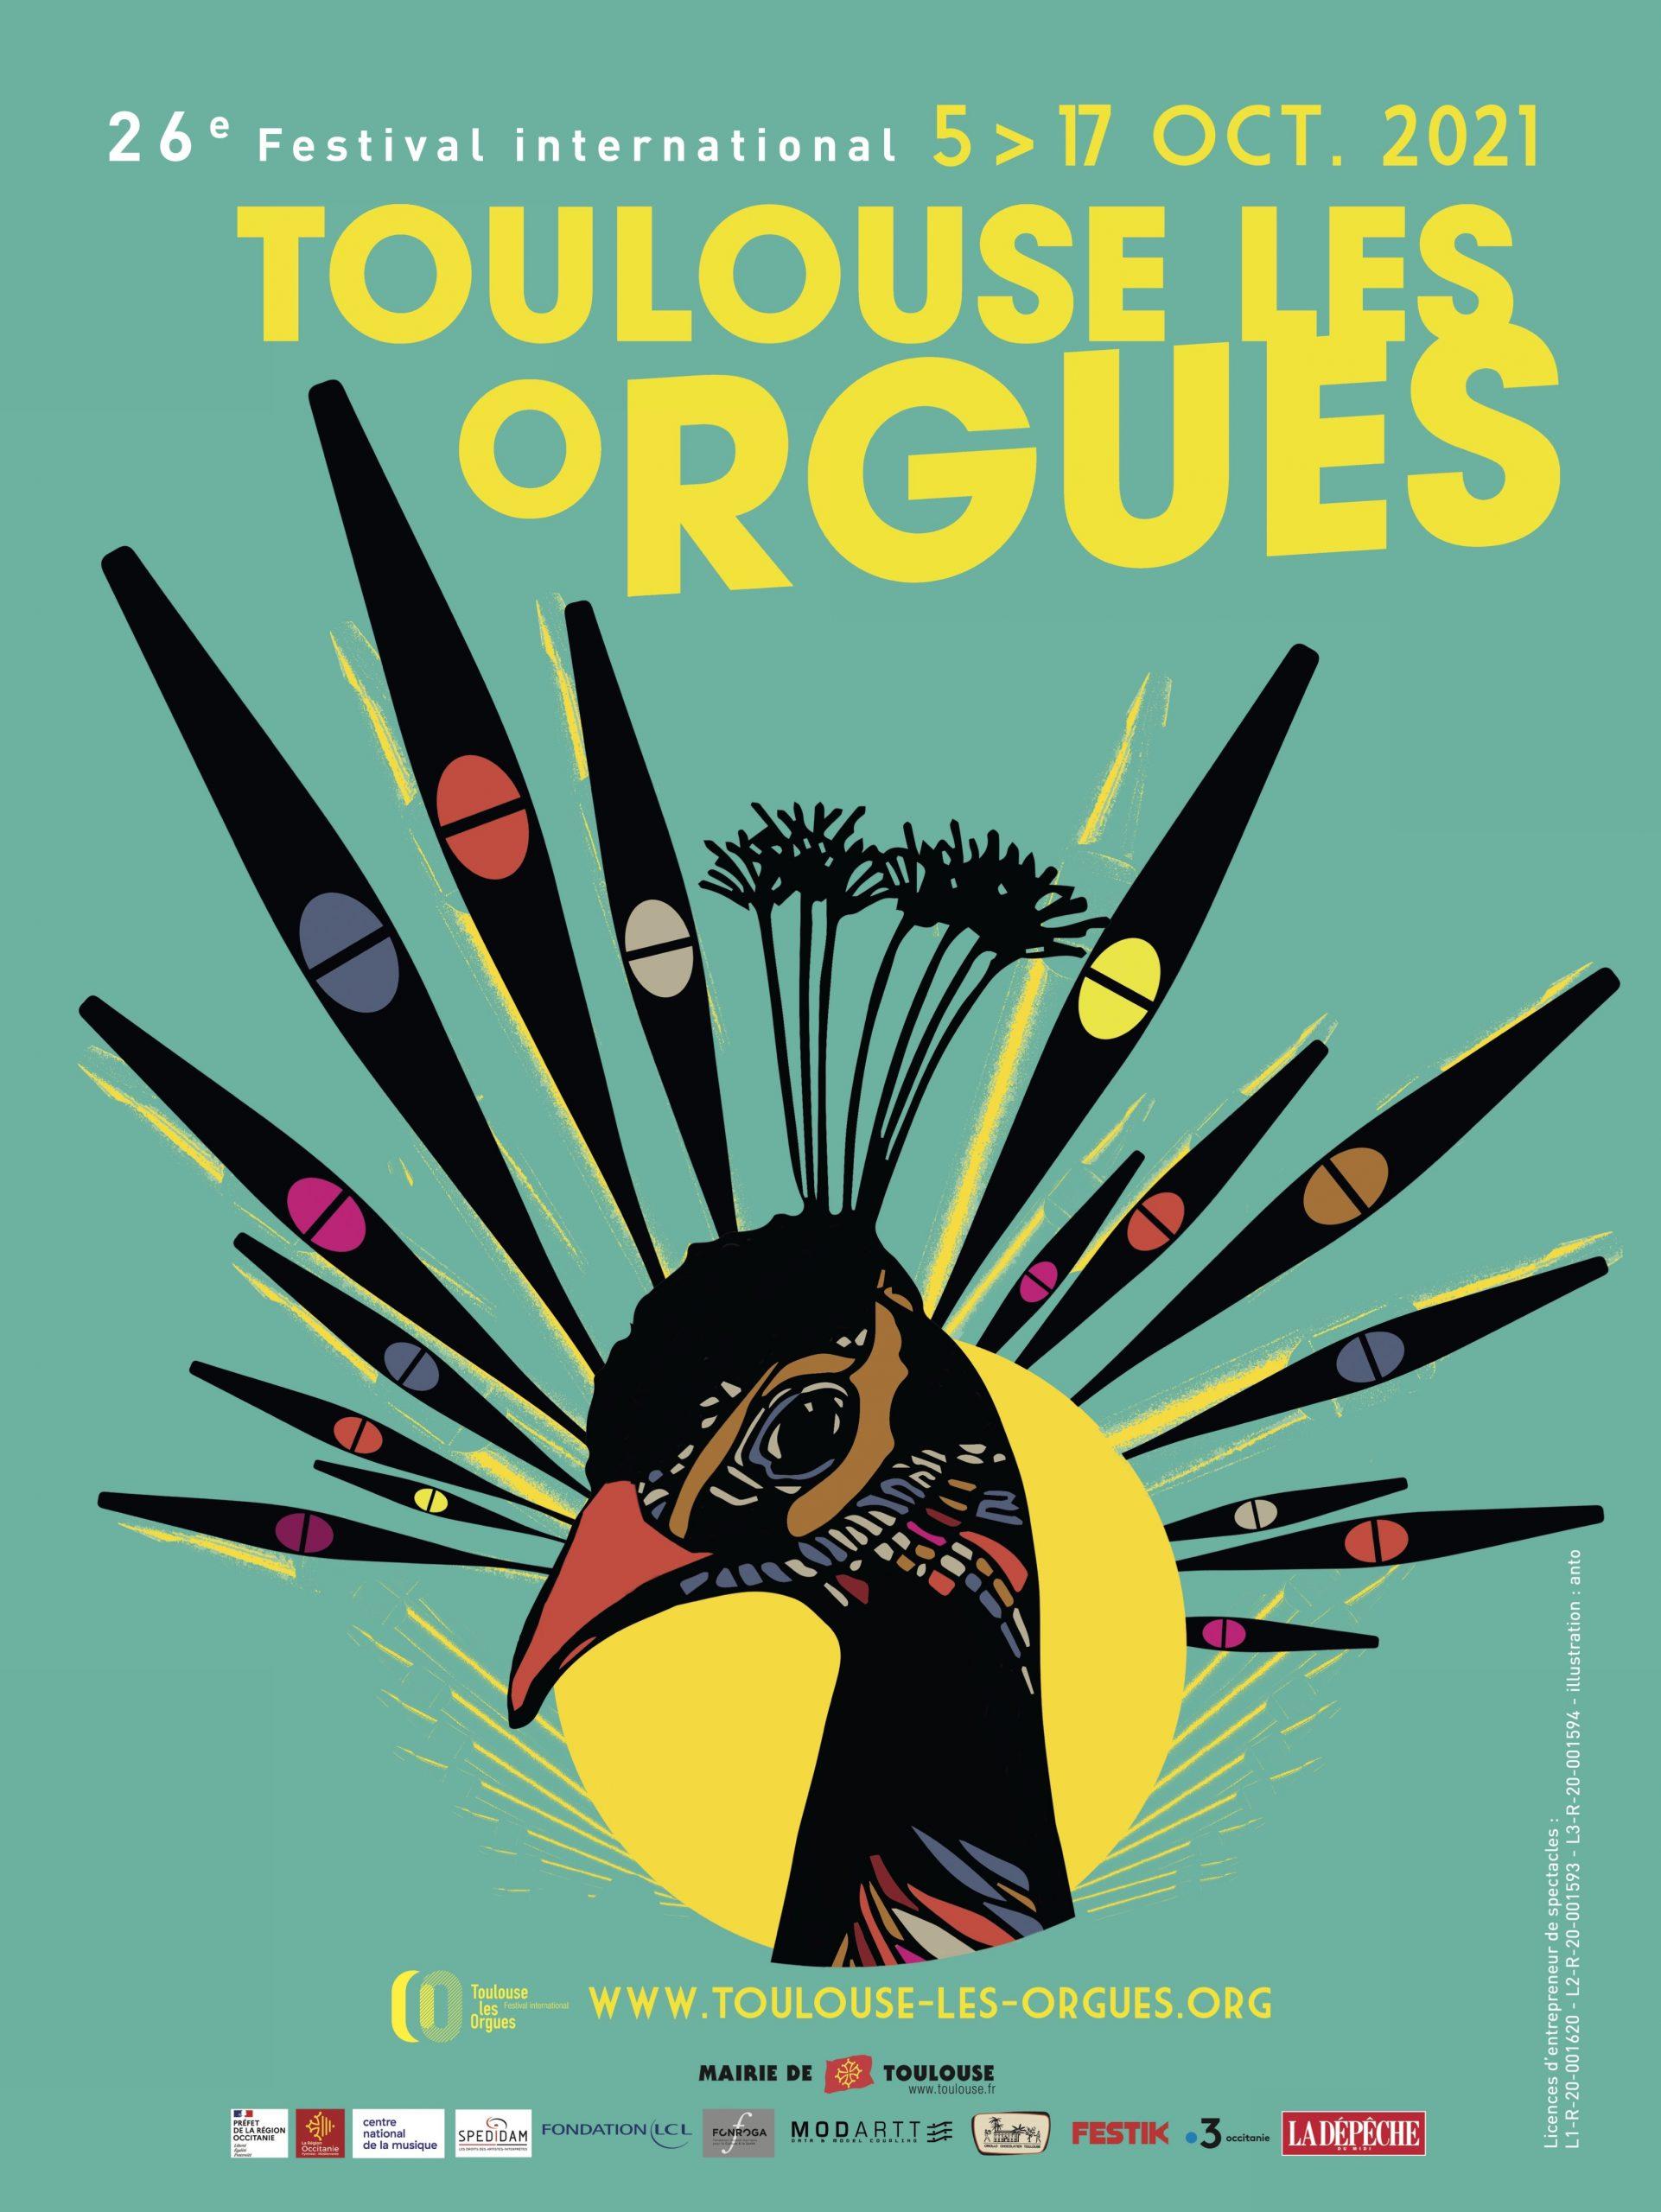 Toulouse Les Orgues 2021